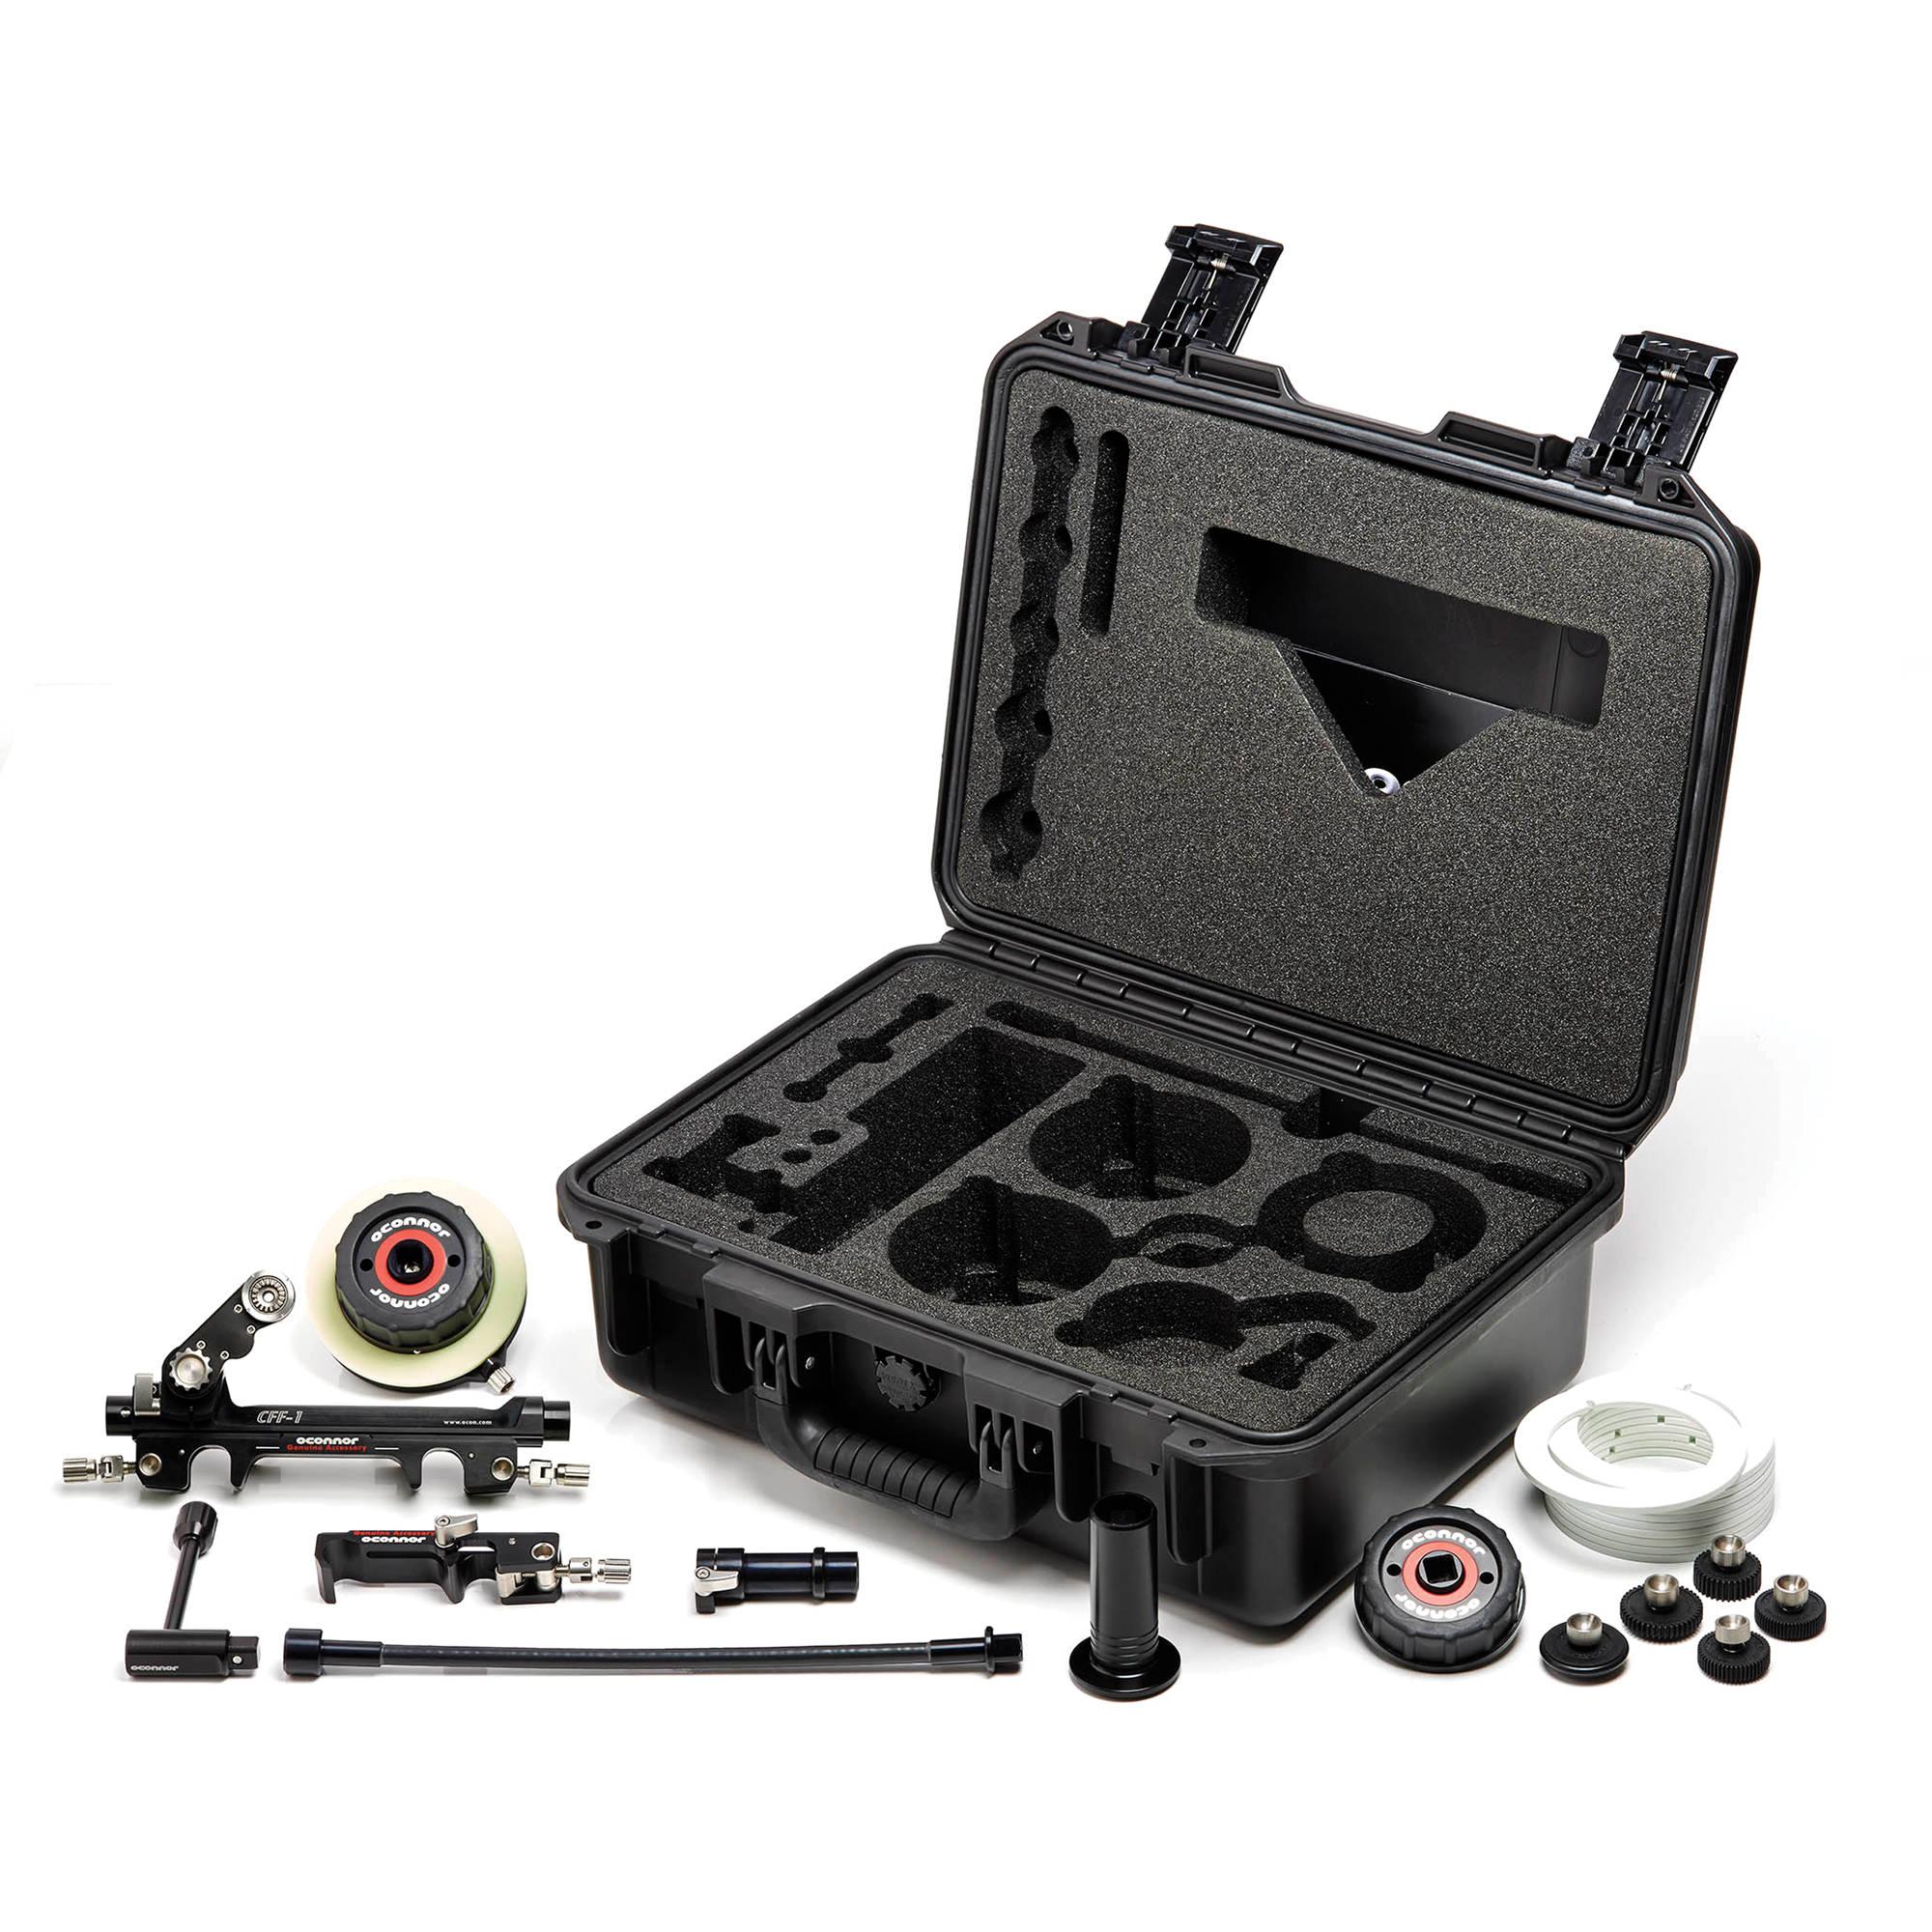 OConnor CFF-1 Cine Follow Focus Pro Kit